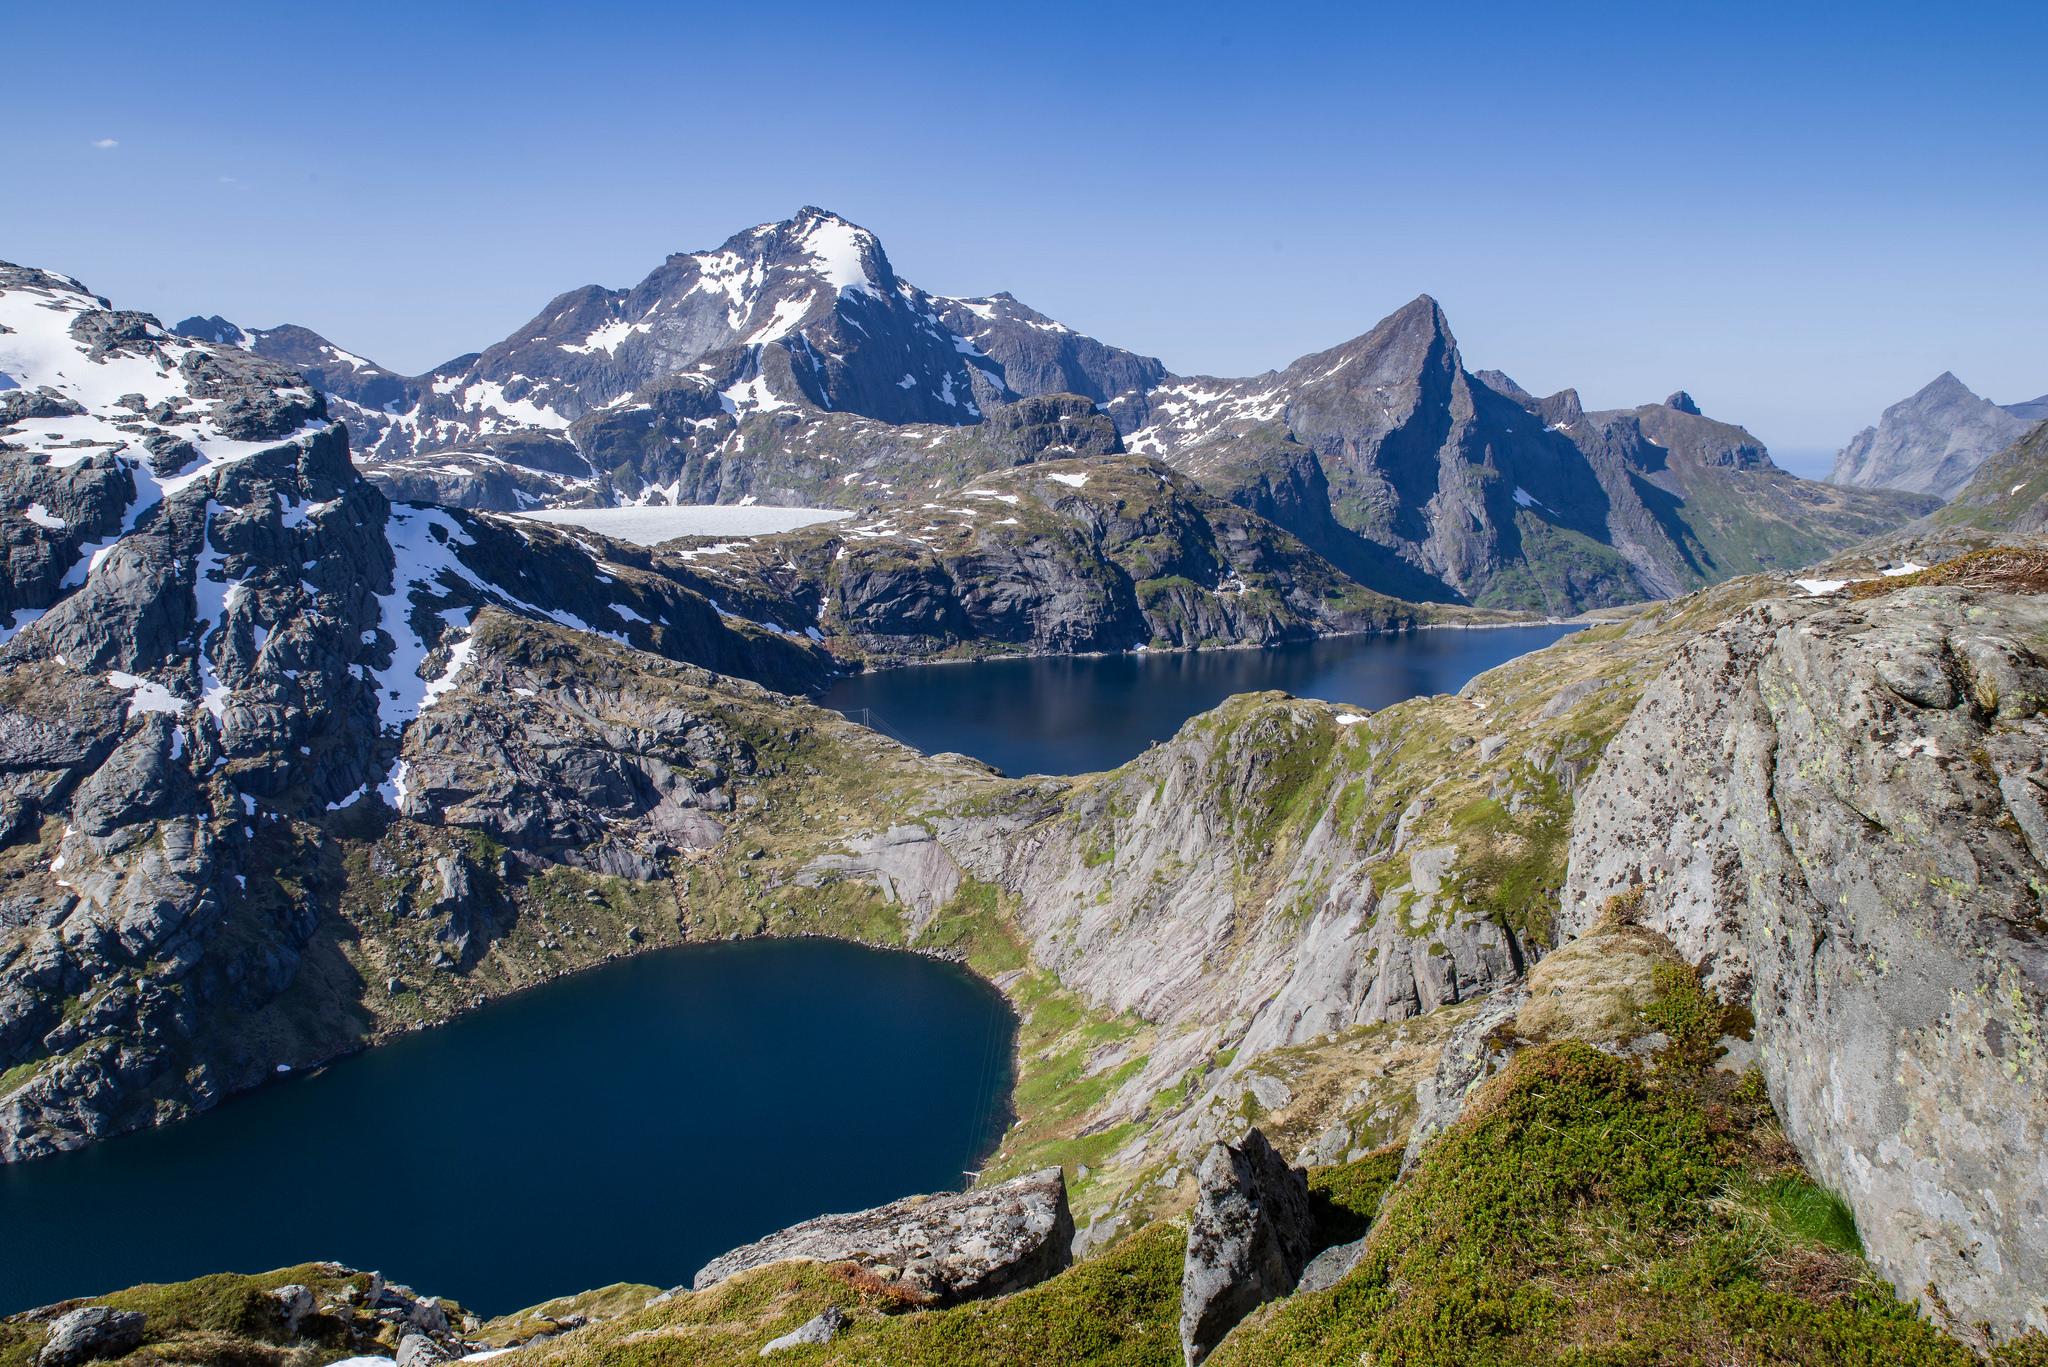 Noorwegen Senja gletsjer meer bergen sail hike wandelen zeilen